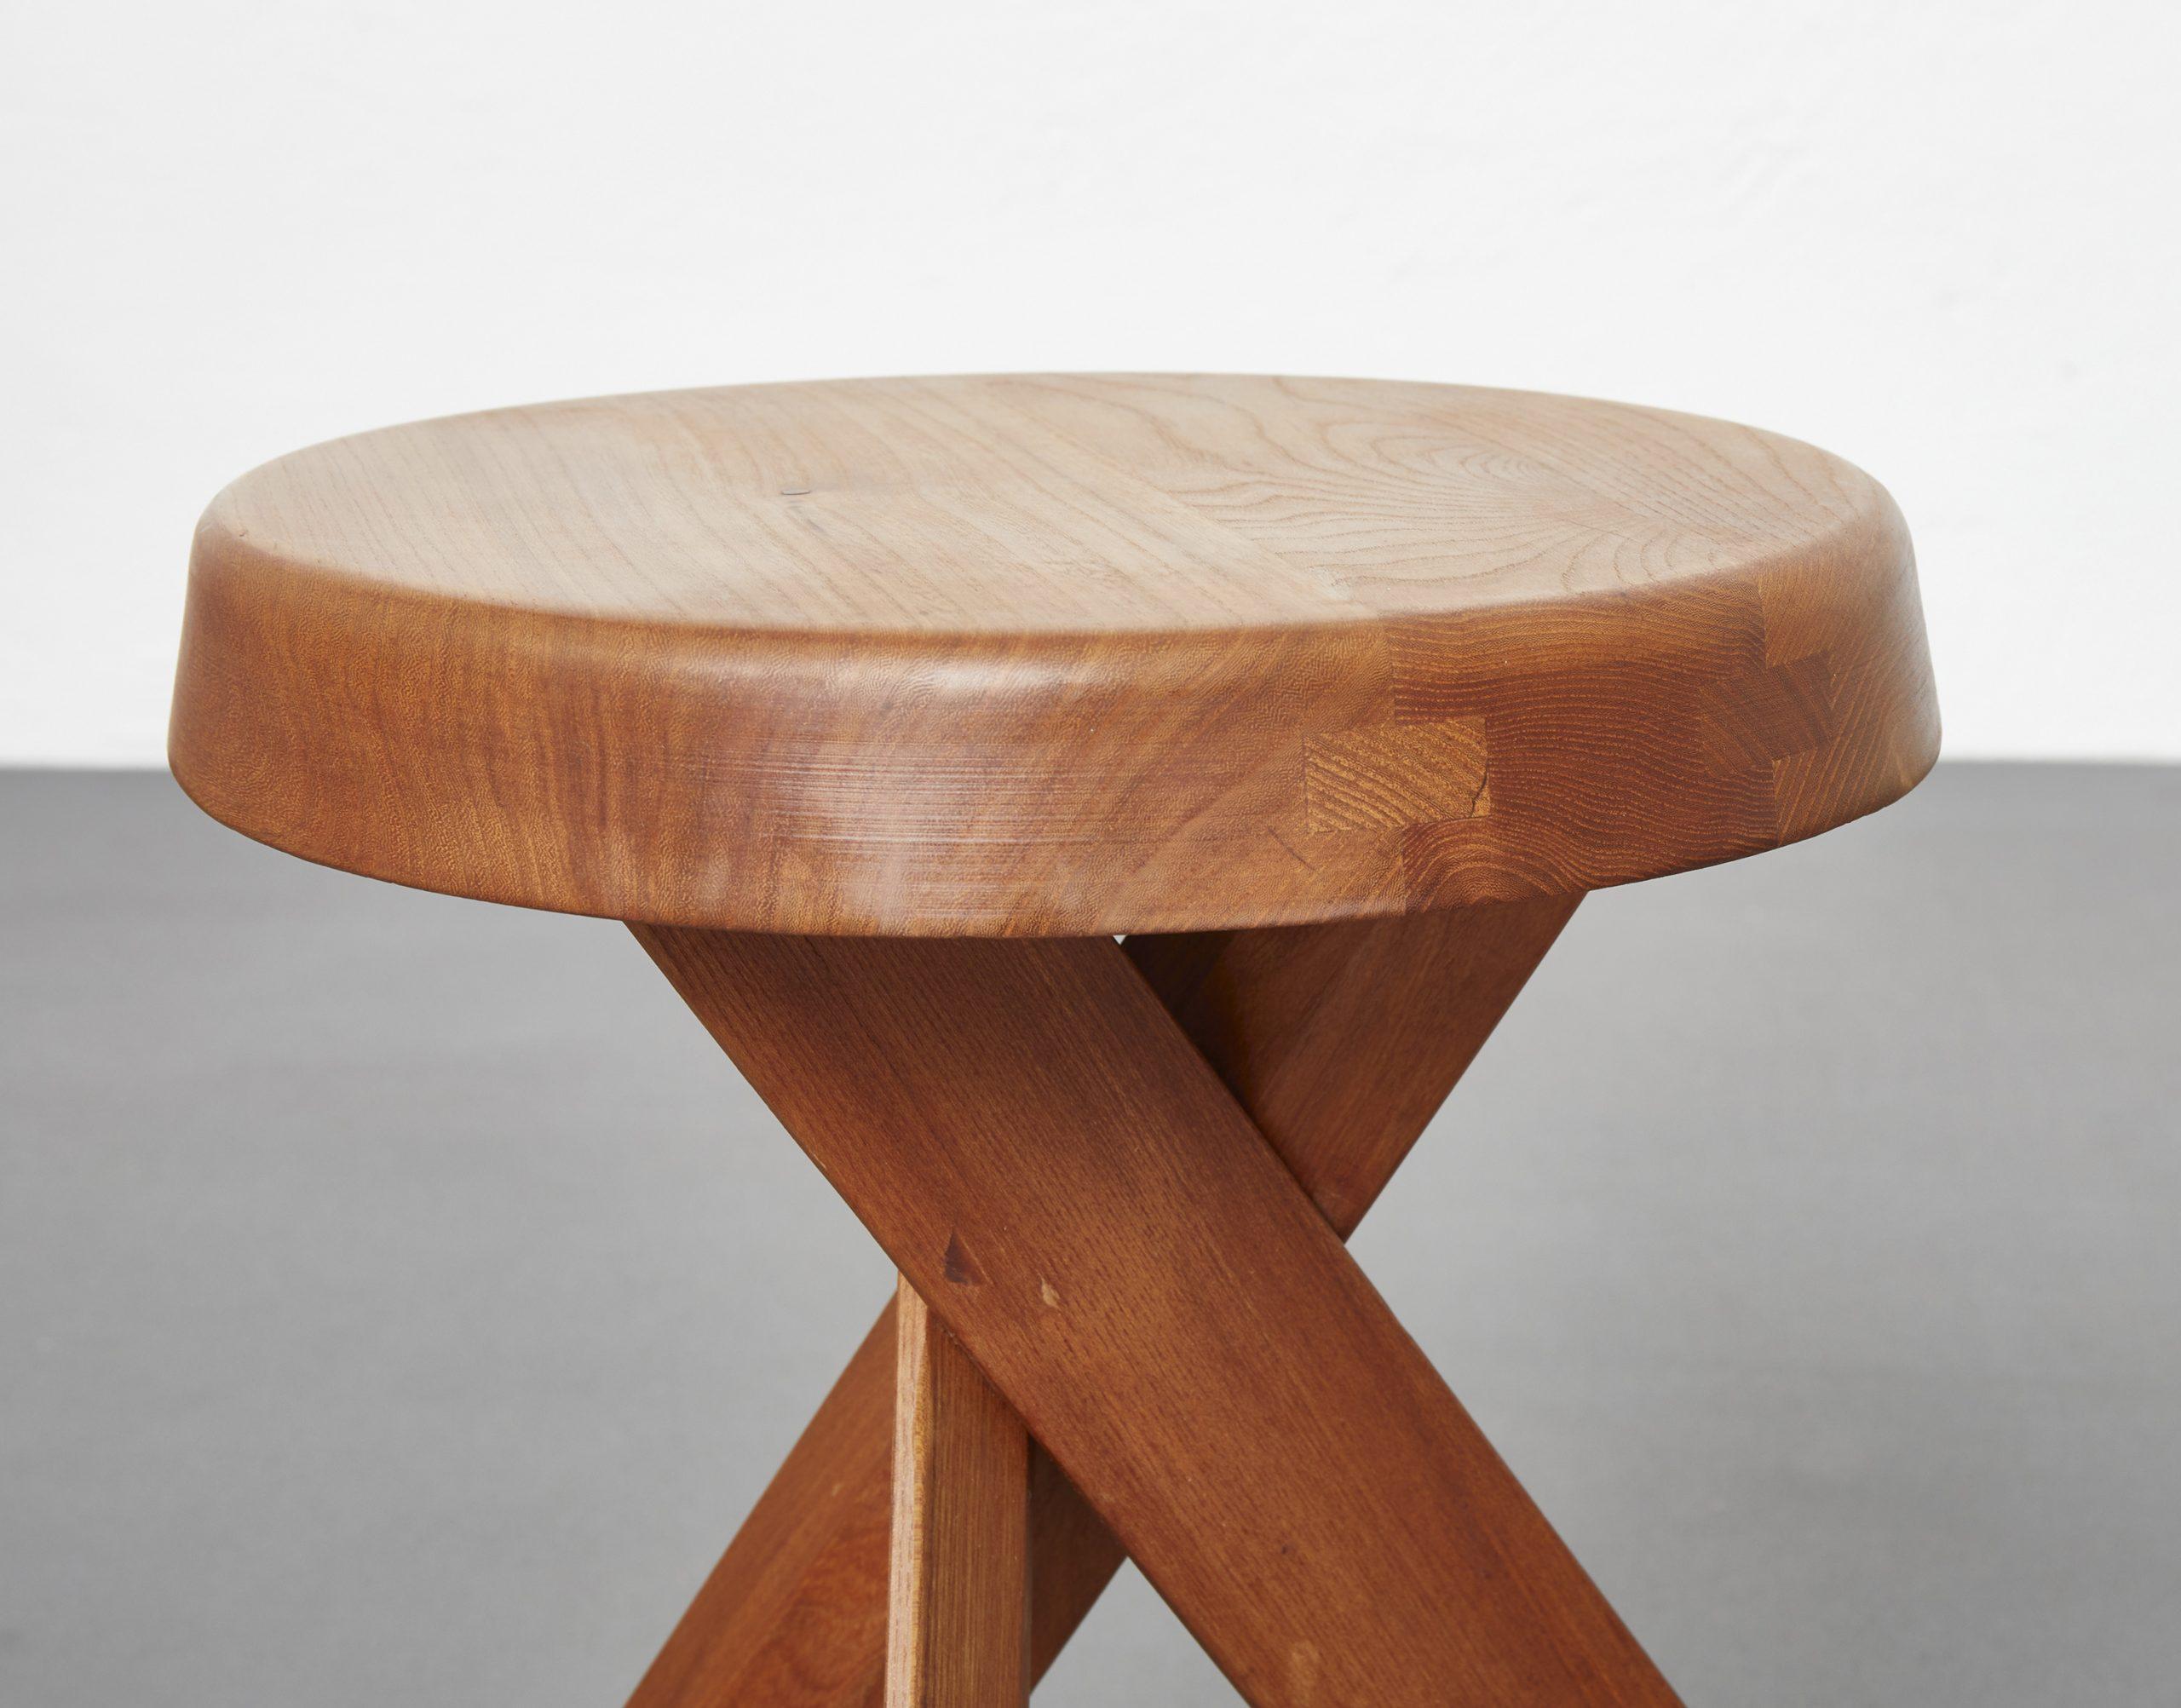 pierre-chapo-s31-elmwood-stool-image-03